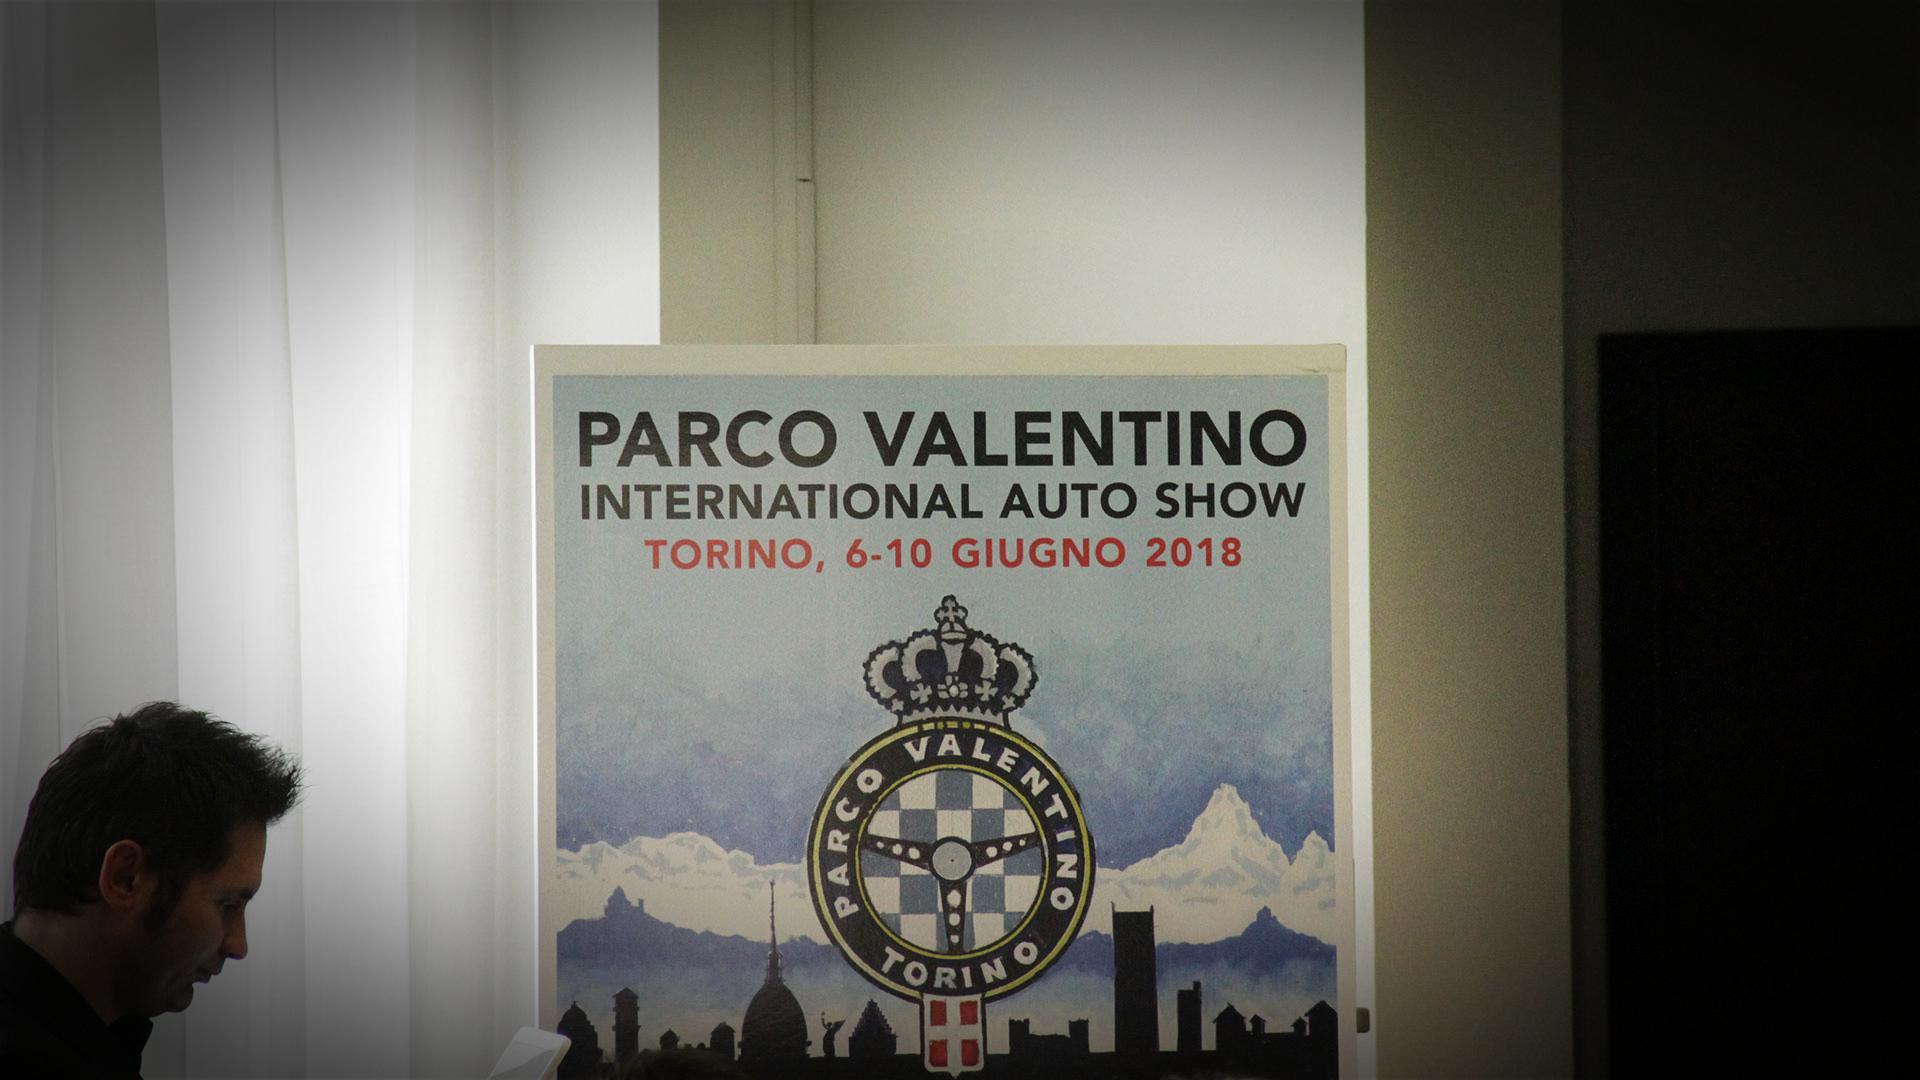 salone-auto-torino-parco-valentino-conferenza-milano